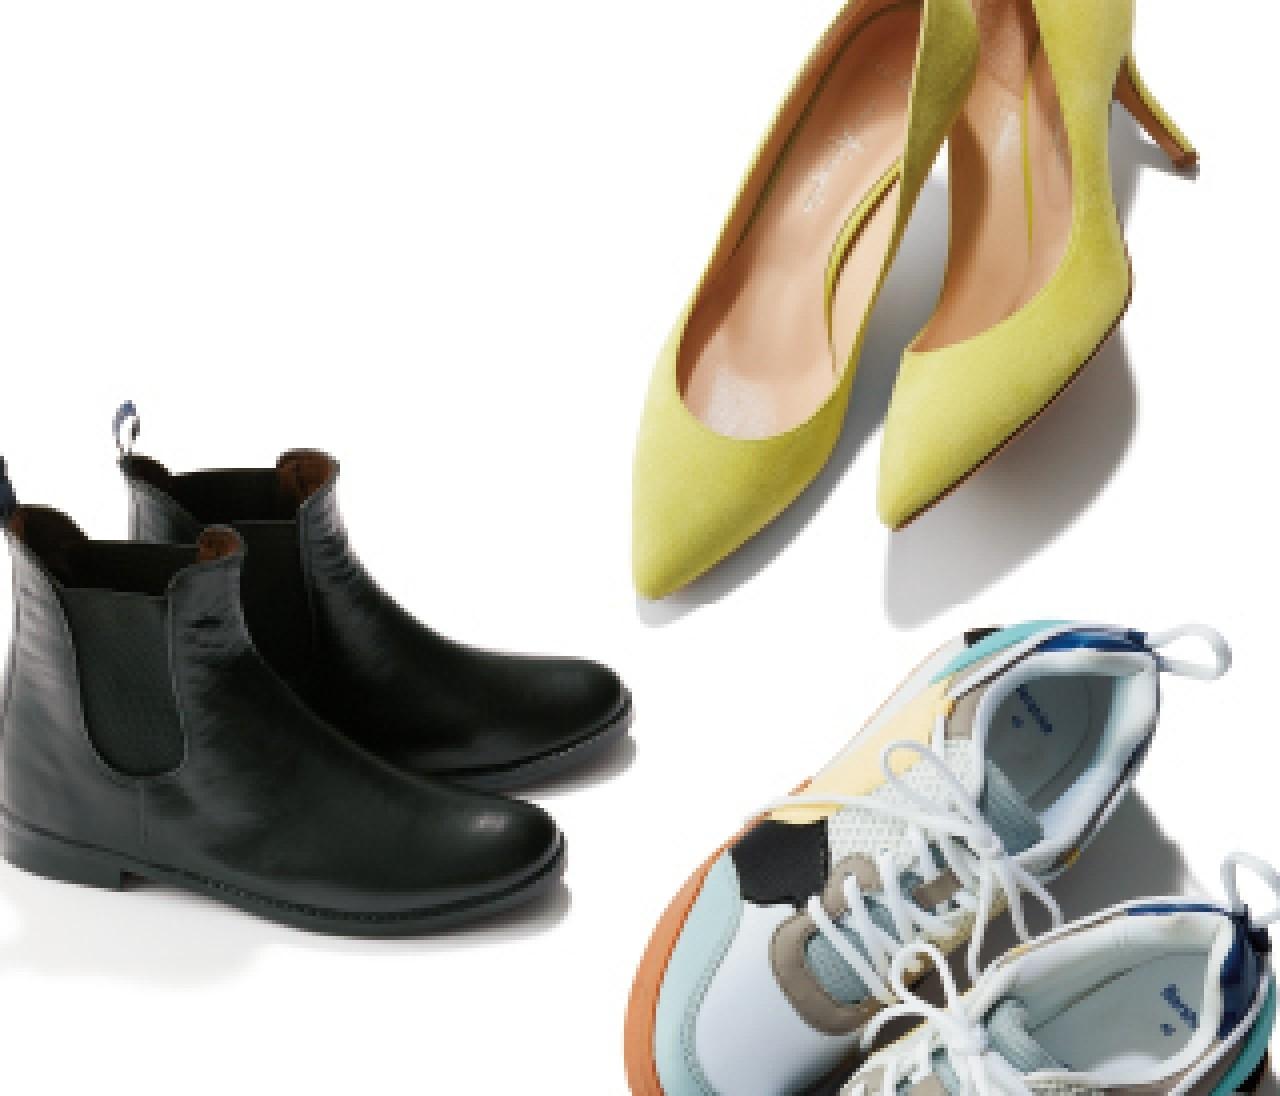 通勤も快適!「雨の日の靴」は3タイプ用意するのがベスト